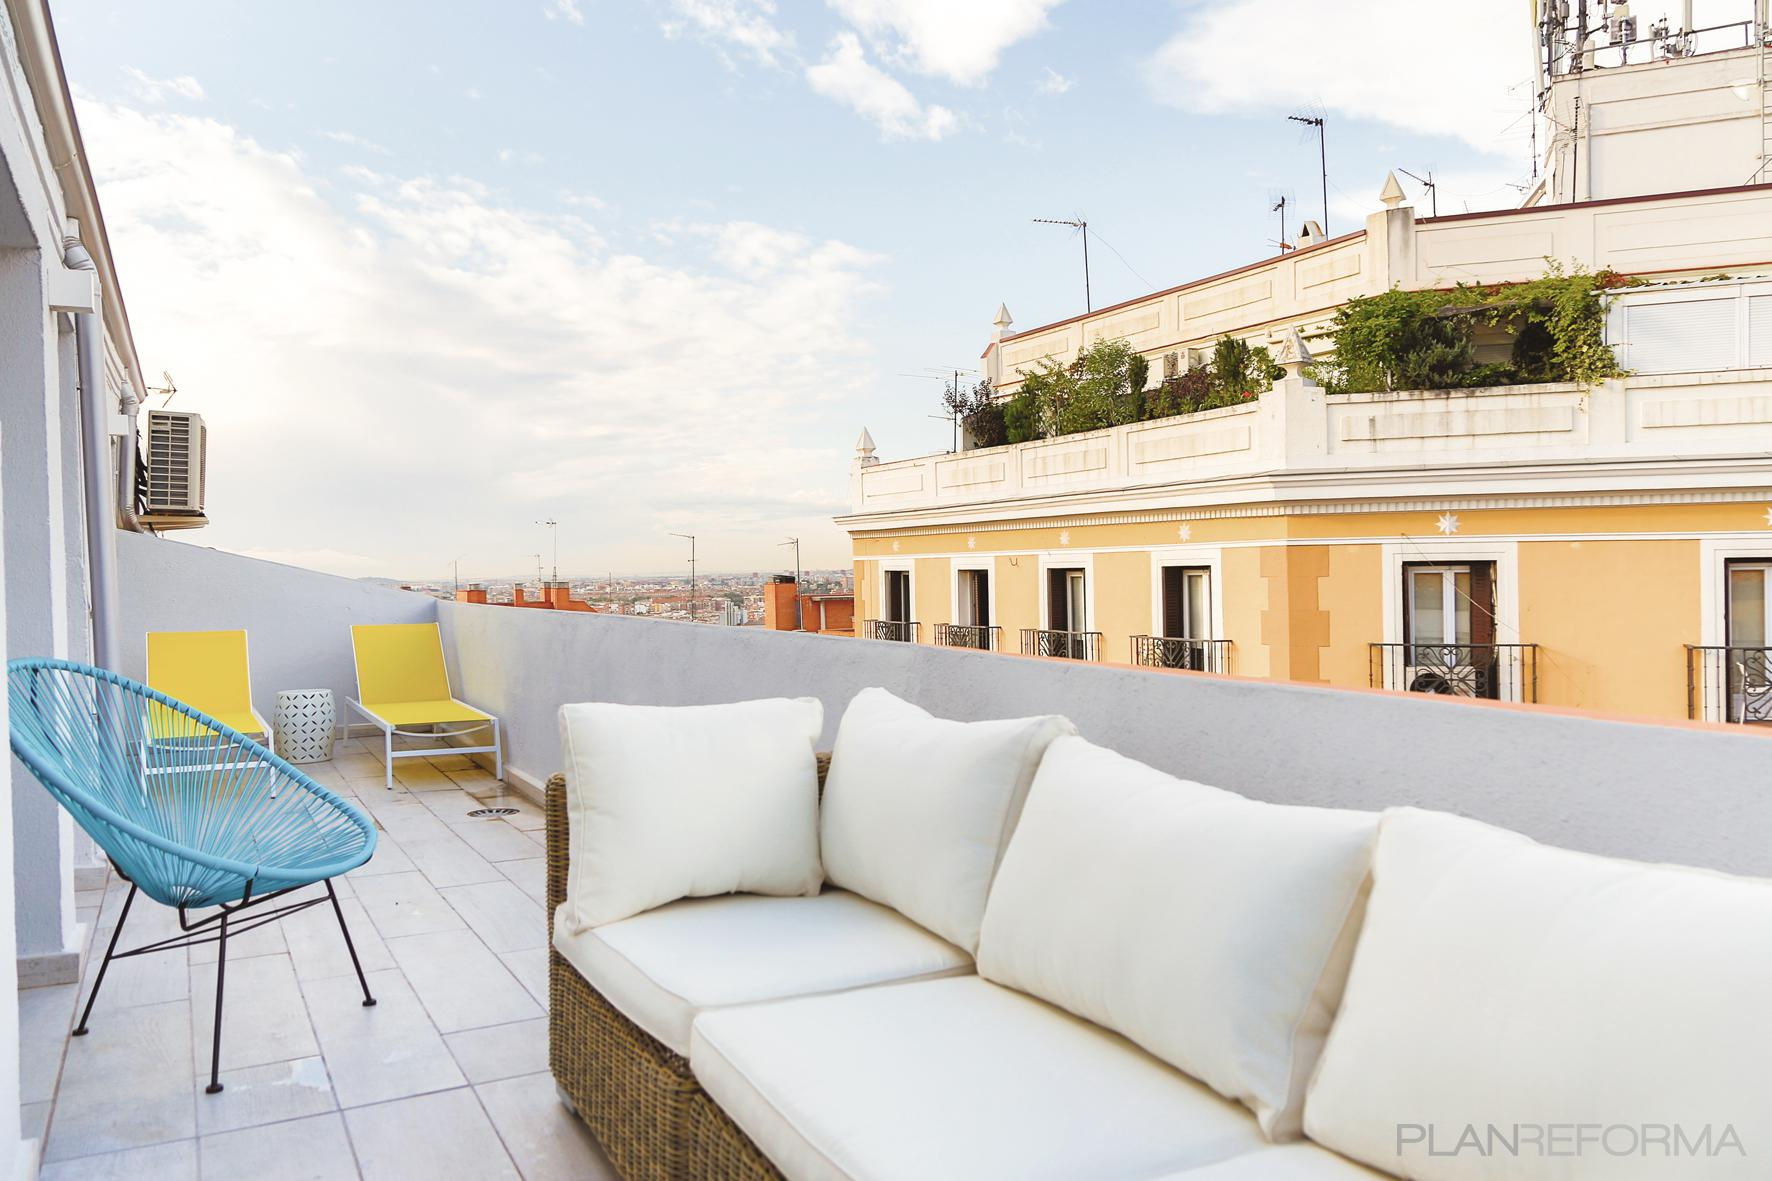 terraza estilo contemporaneo color amarillo turquesa blanco